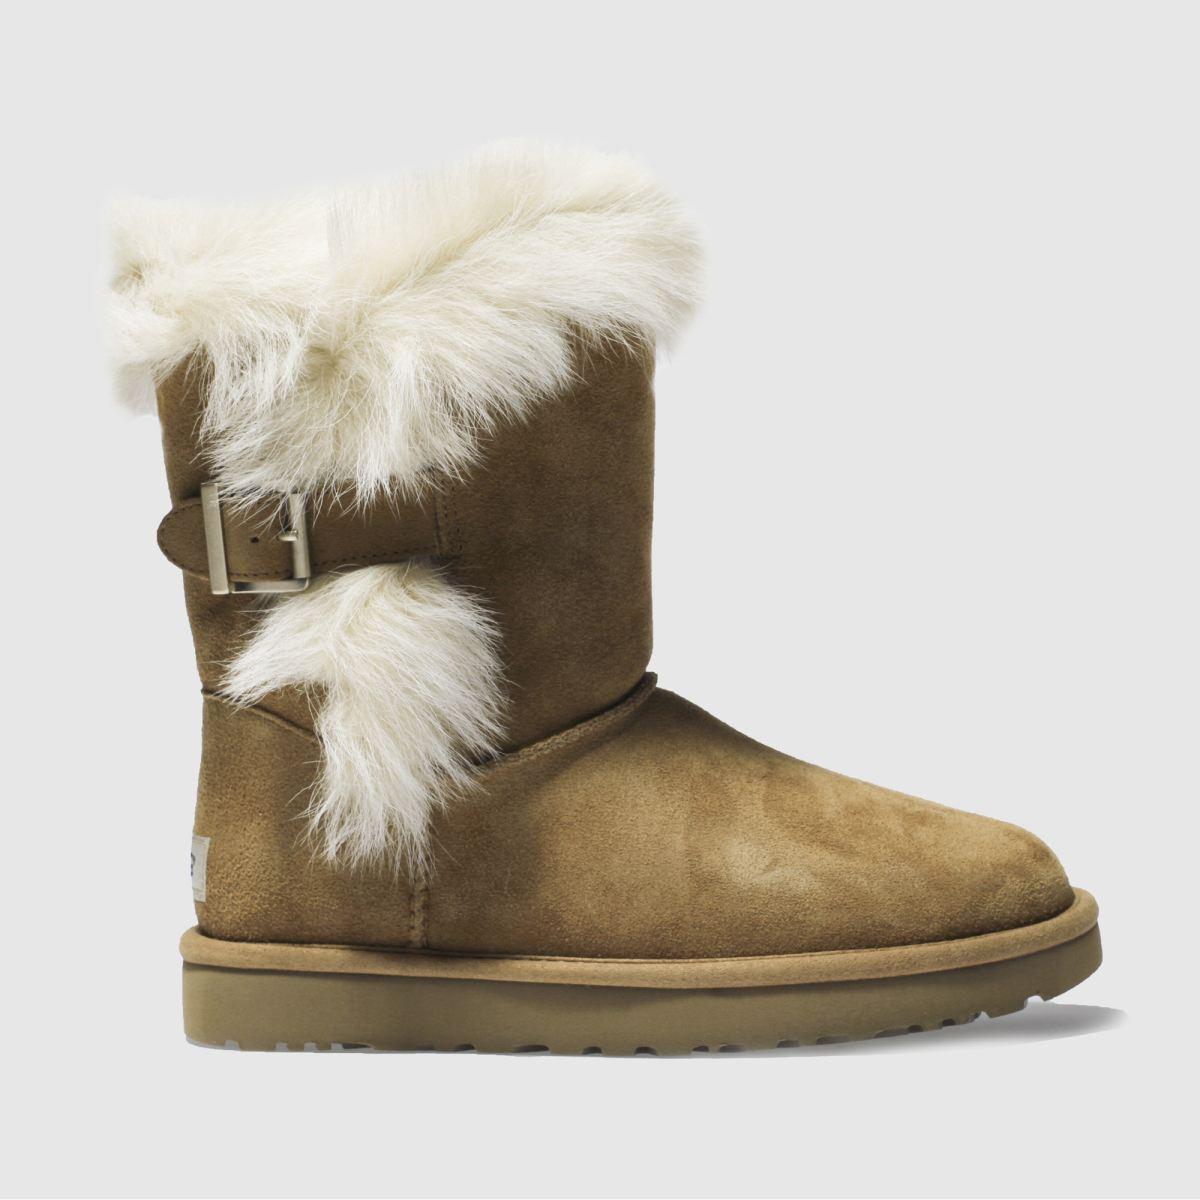 Ugg Tan Deena Boots